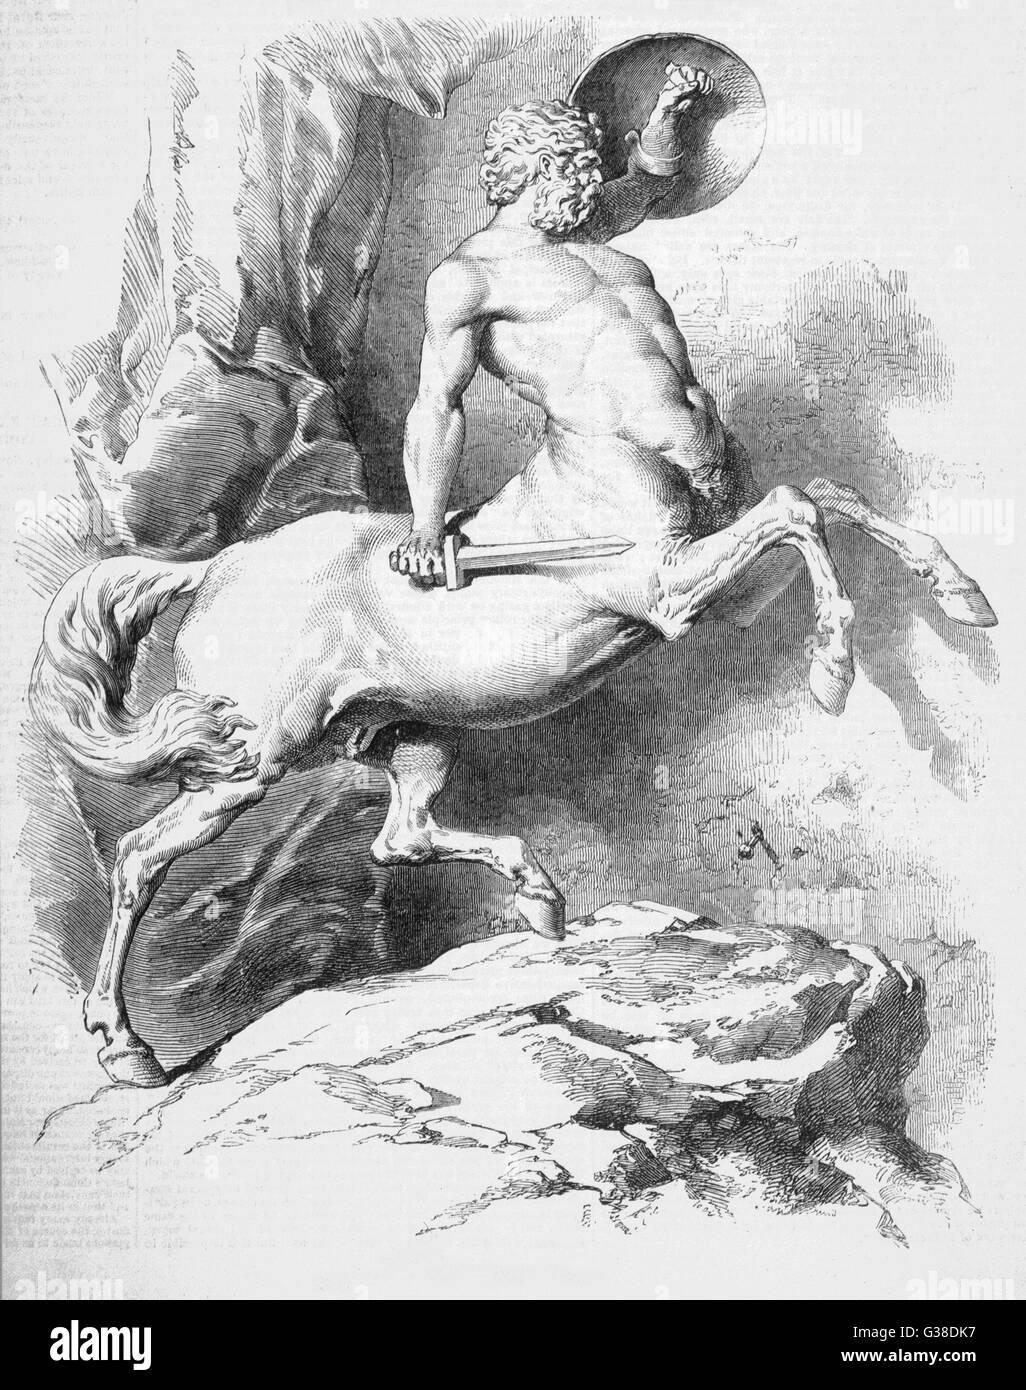 Centauros pueden usar armas al igual que los seres humanos, además de sus recursos naturales, haciéndolos Imagen De Stock